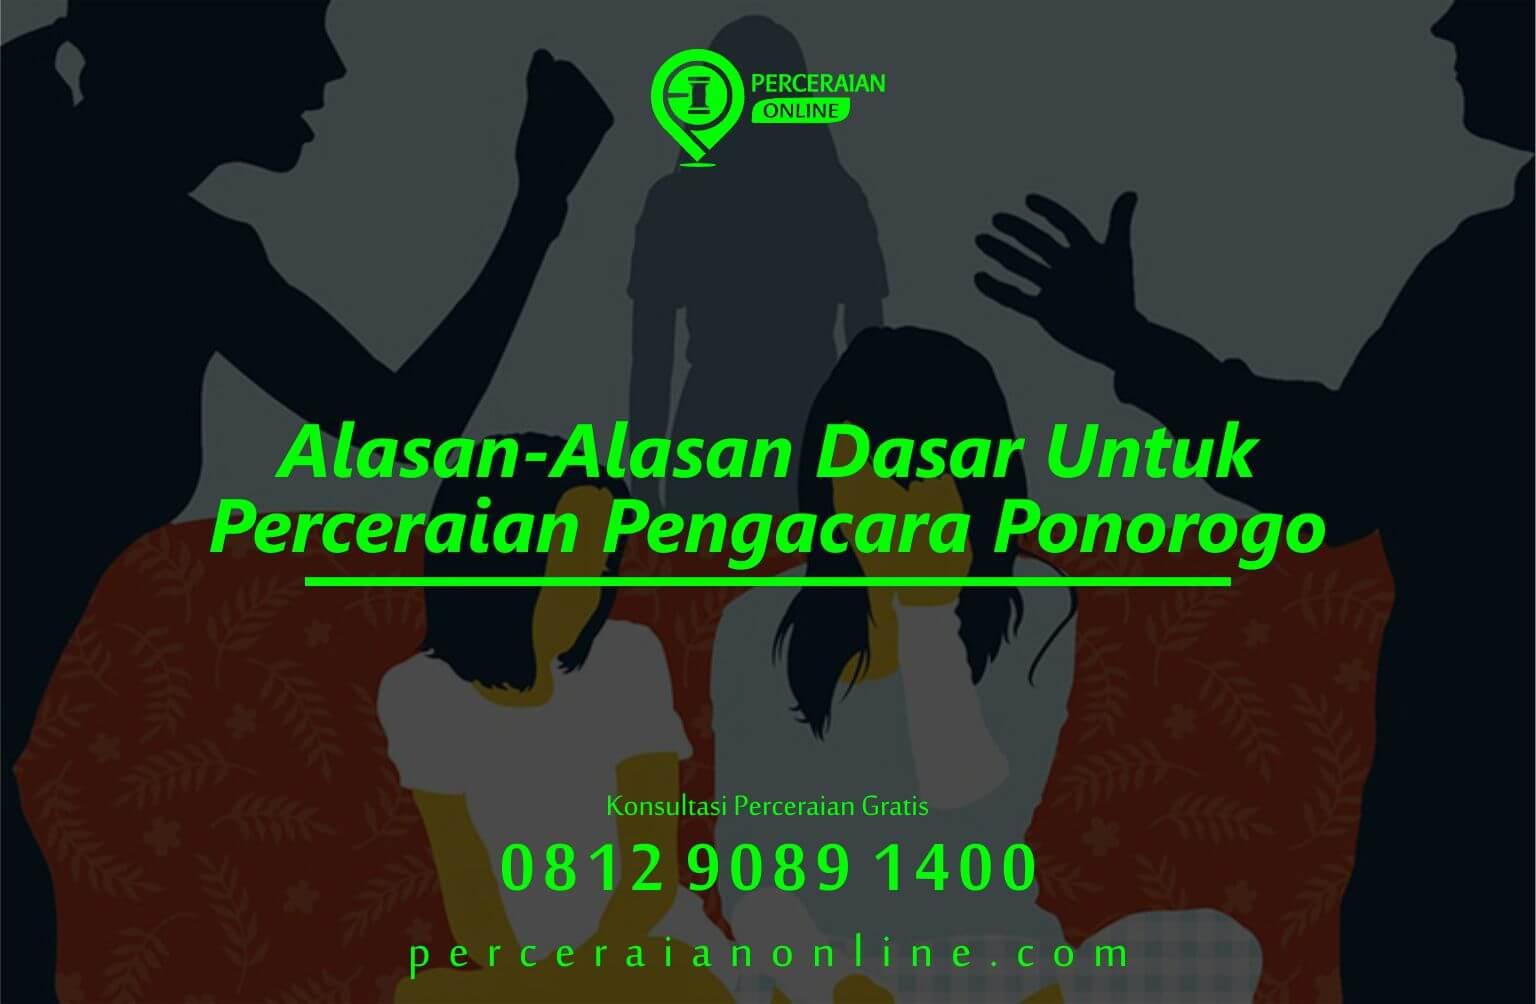 Alasan Alasan Dasar Untuk Perceraian Pengacara Ponorogo